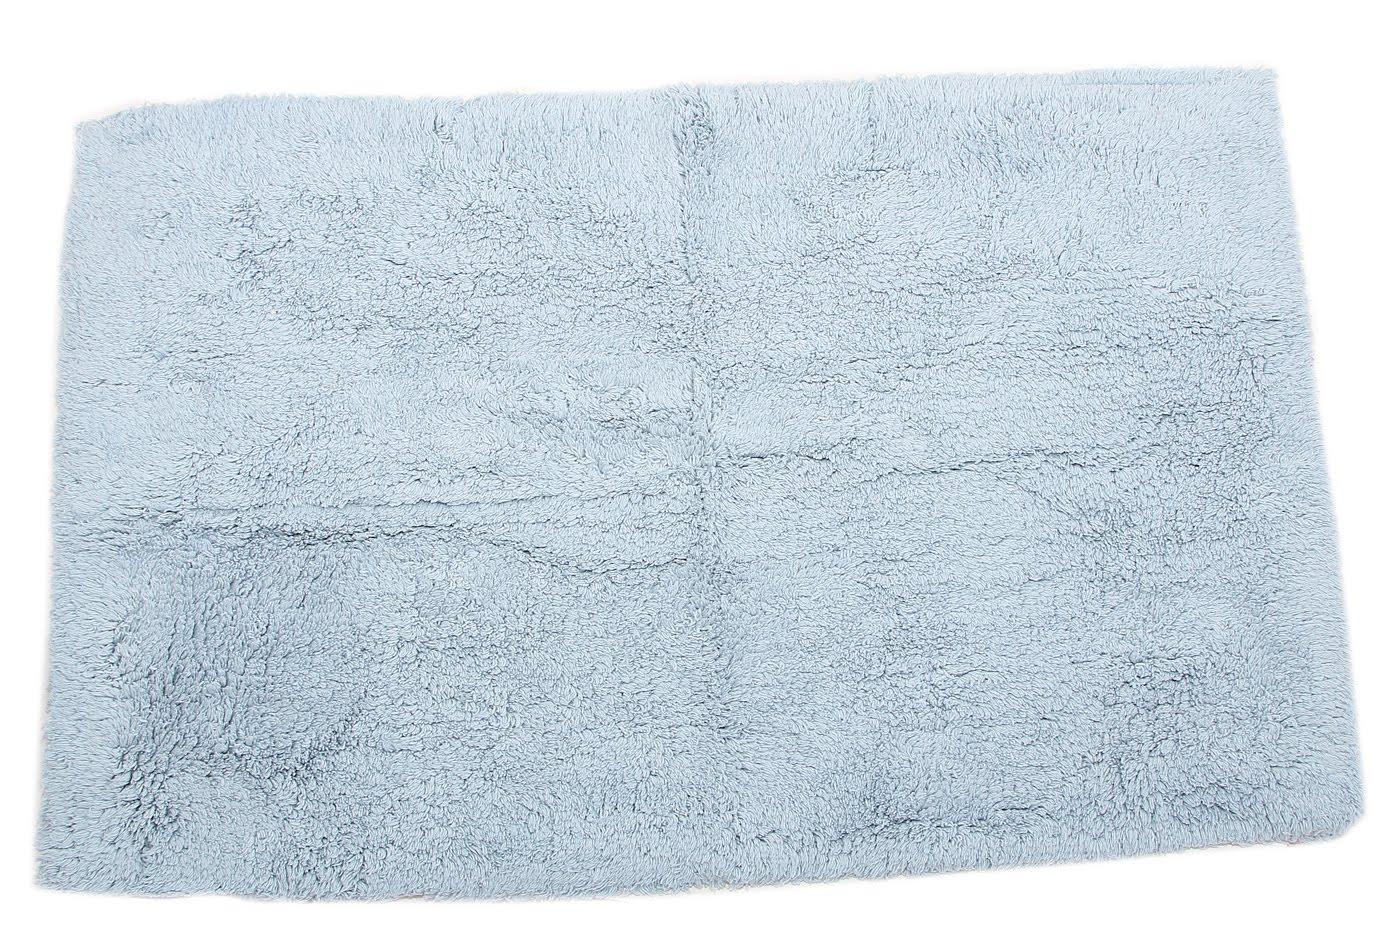 Коврики для ванной и туалета Ганг Коврик для ванной Jolitaцвет: Голубой (50х80 см) аксессуары для ванной и туалета white clean коврик для ванной africa 50х80 см